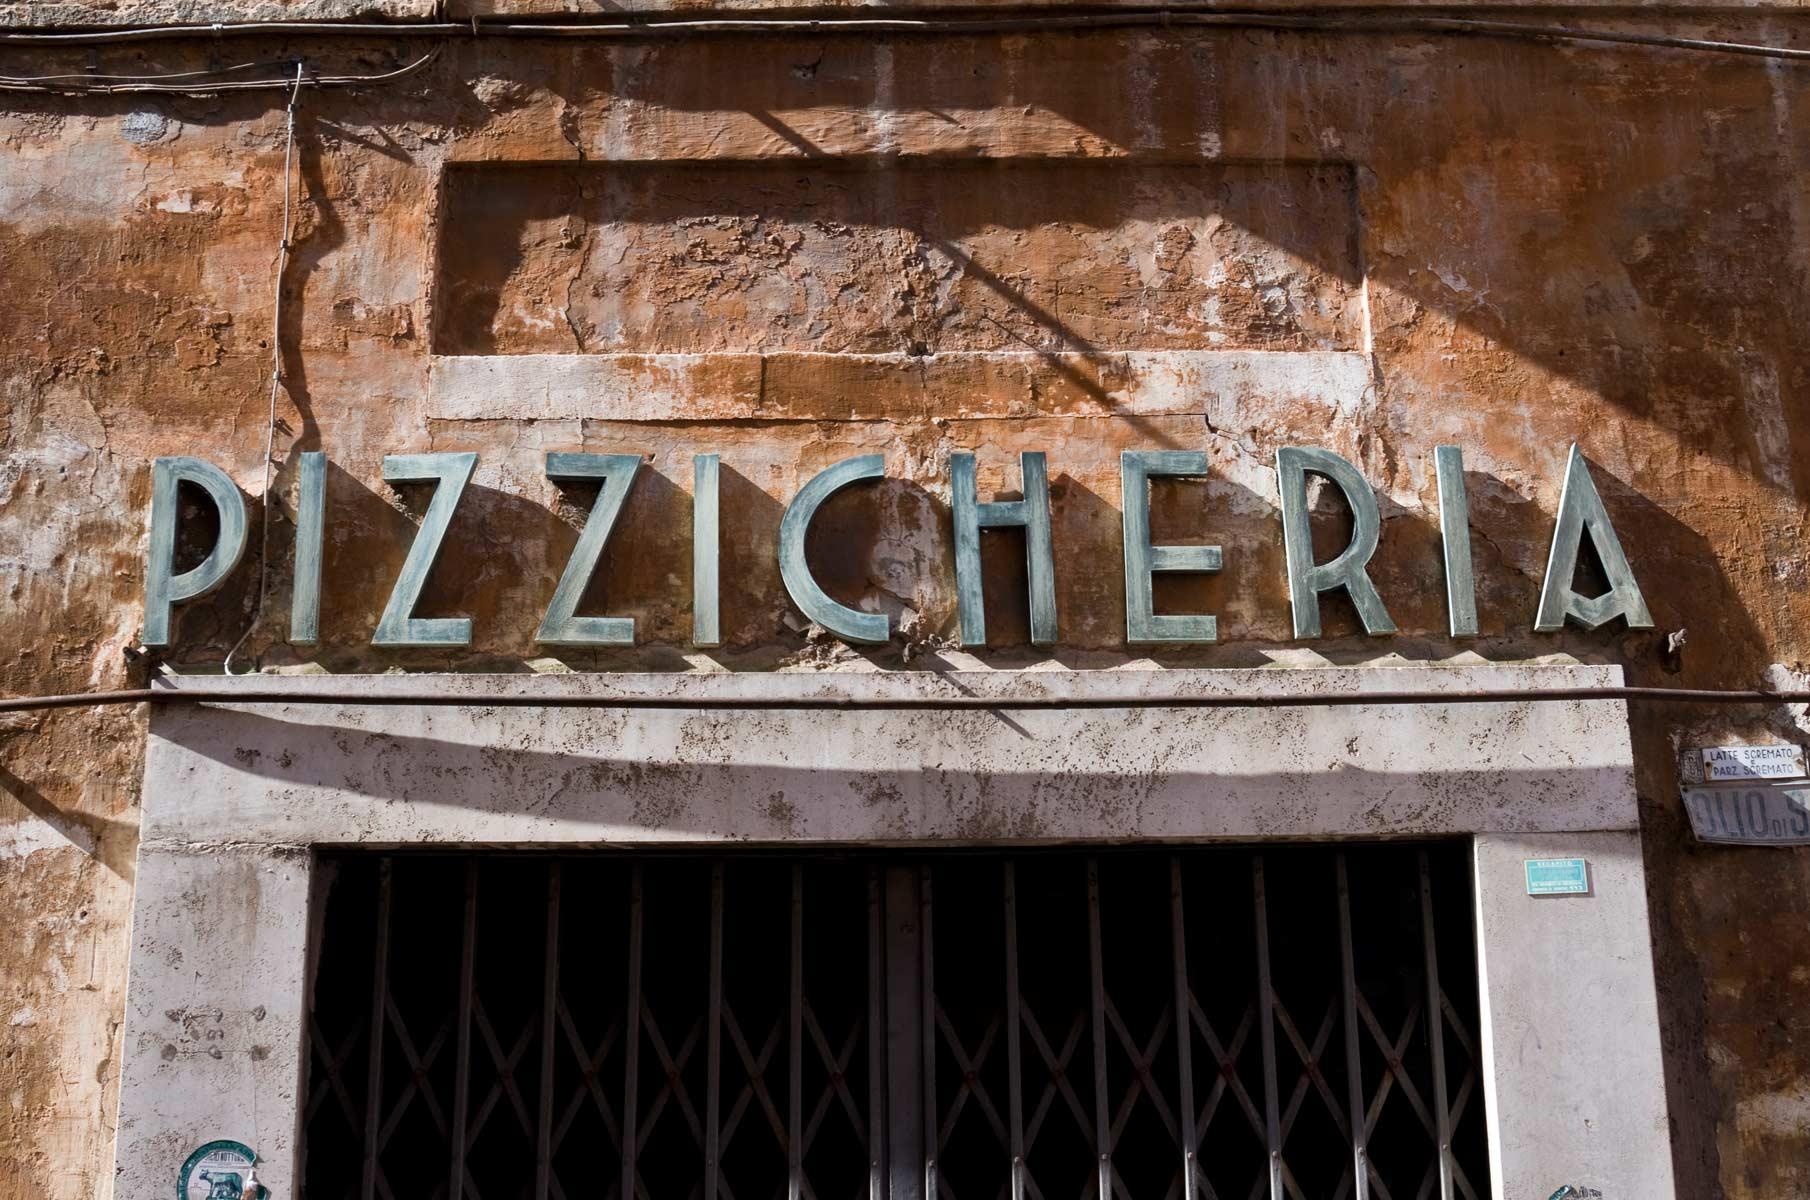 Straßenszene mit Pizzicheria Schild in Rom, Italien